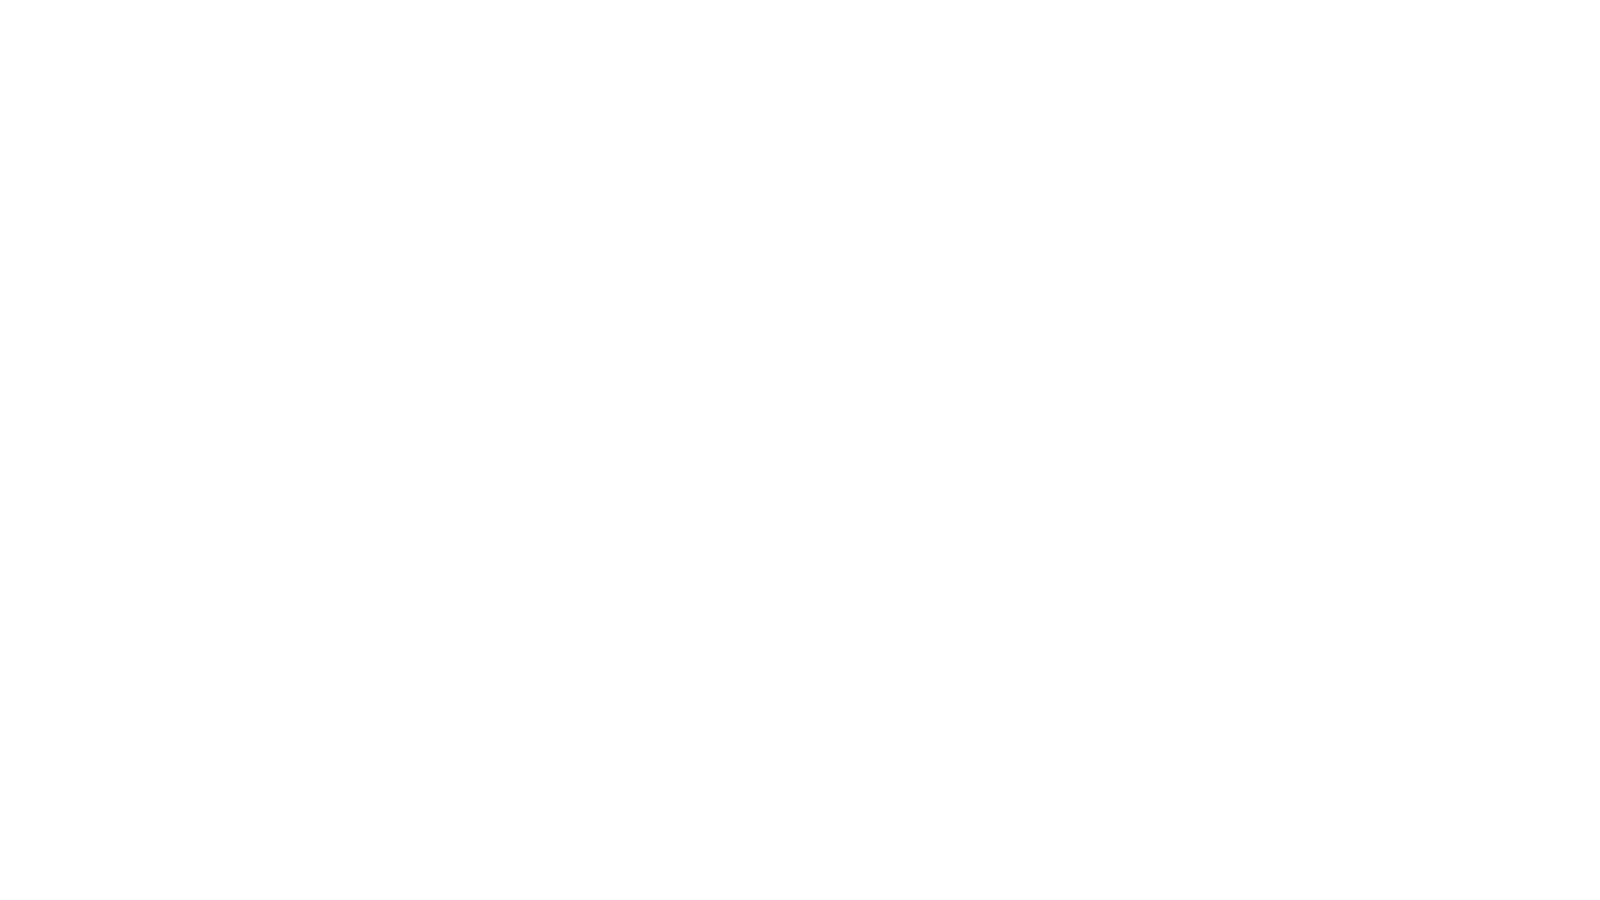 Al Mercat del Trumfo i la Sal d'Odèn hi participen els productors locals de trumfos. També es fan degustacions de trumfos i s'hi troben productes artesans de proximitat.  A més, es pot visitar el Salí de Cambrils i descobrir com feien la sal antigament.